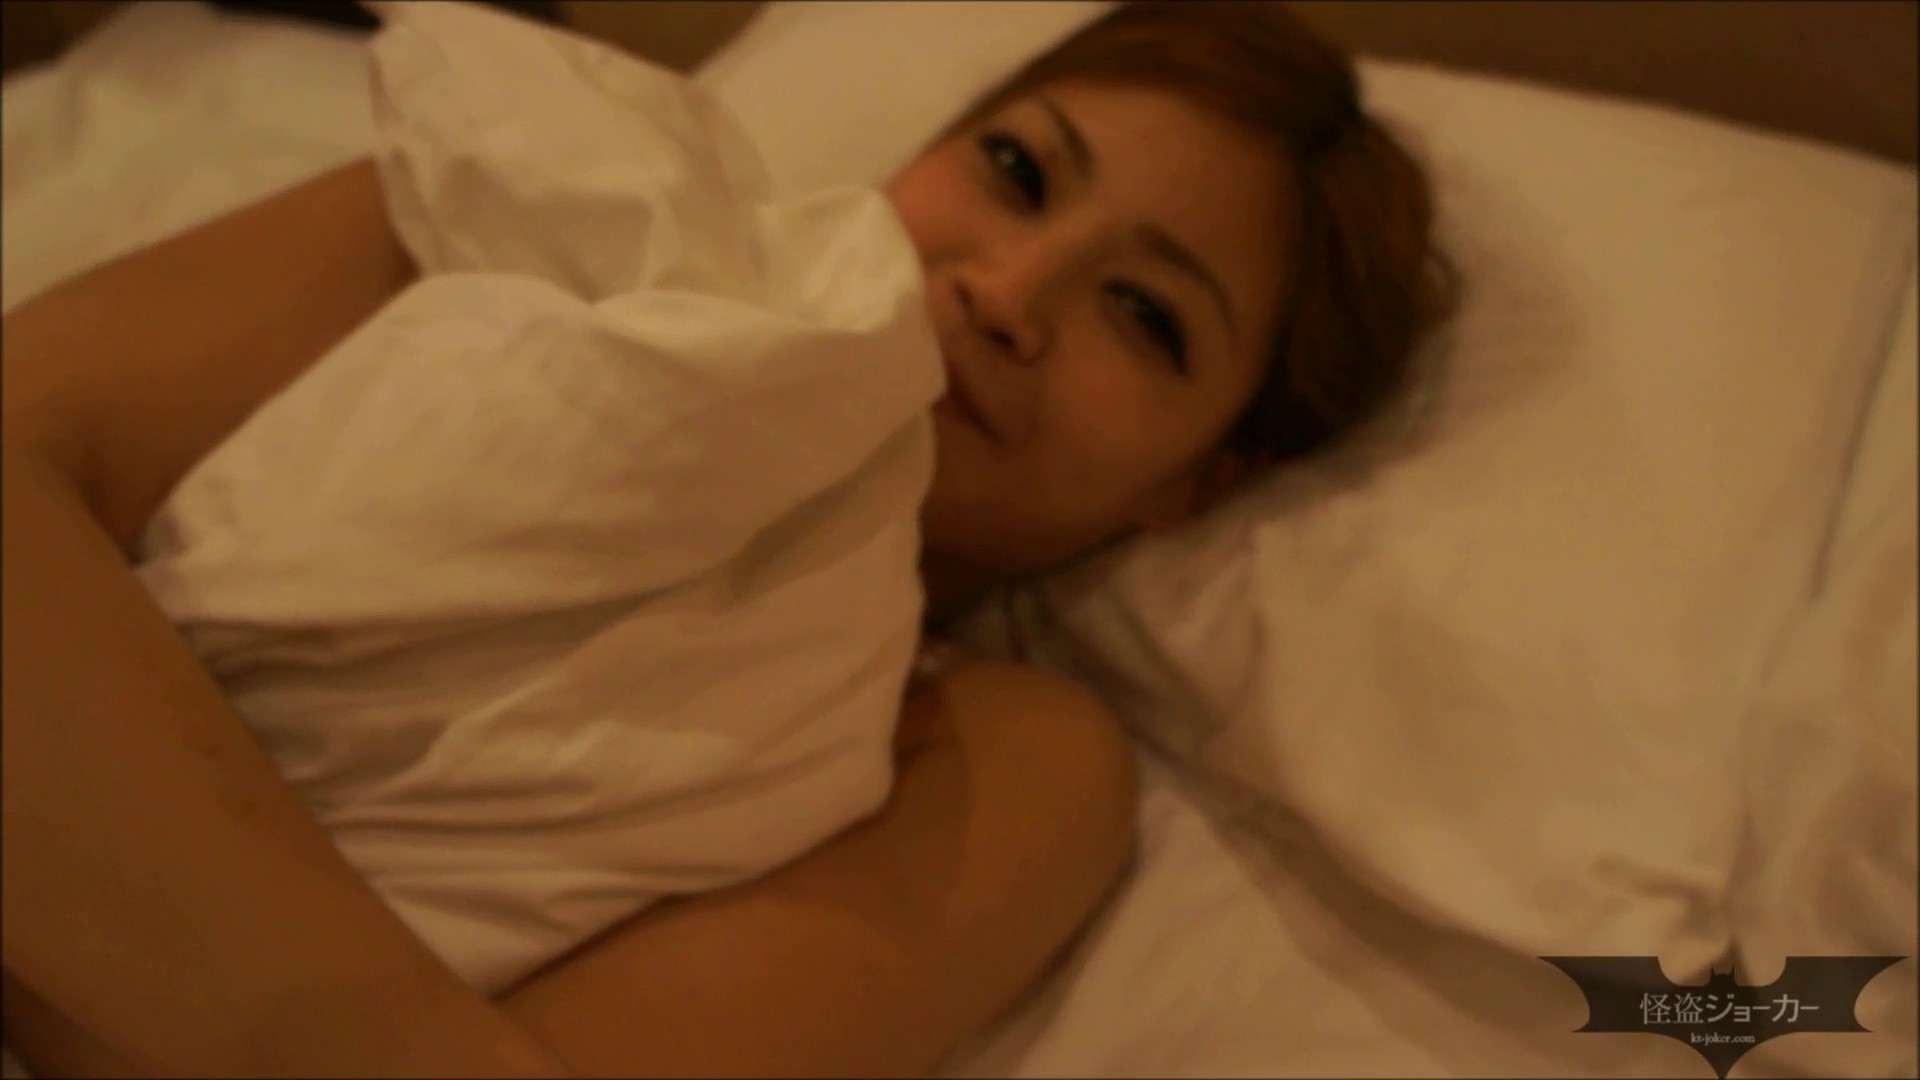 【未公開】vol.20 セレブ美魔女・カリソメの笑顔。最後の交わり...生中出し OL  96pic 36